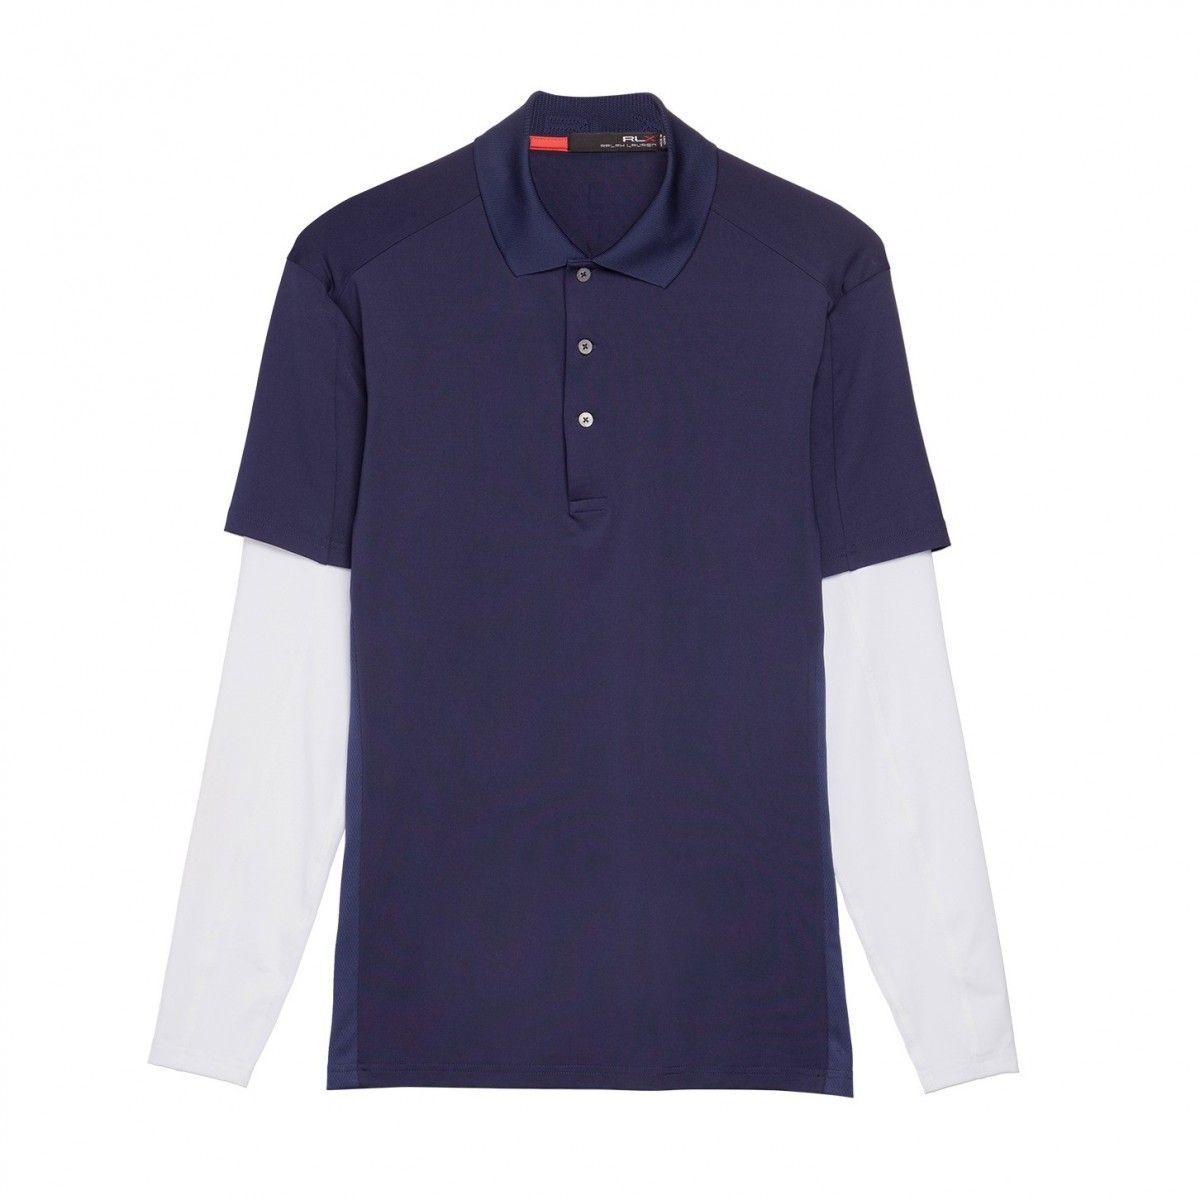 d770e623e3a95 Polo De Golf Polo Golf Ralph Lauren Ls Kc Long Sleeve Knit -  Sh317xz1foxy1foxw1na